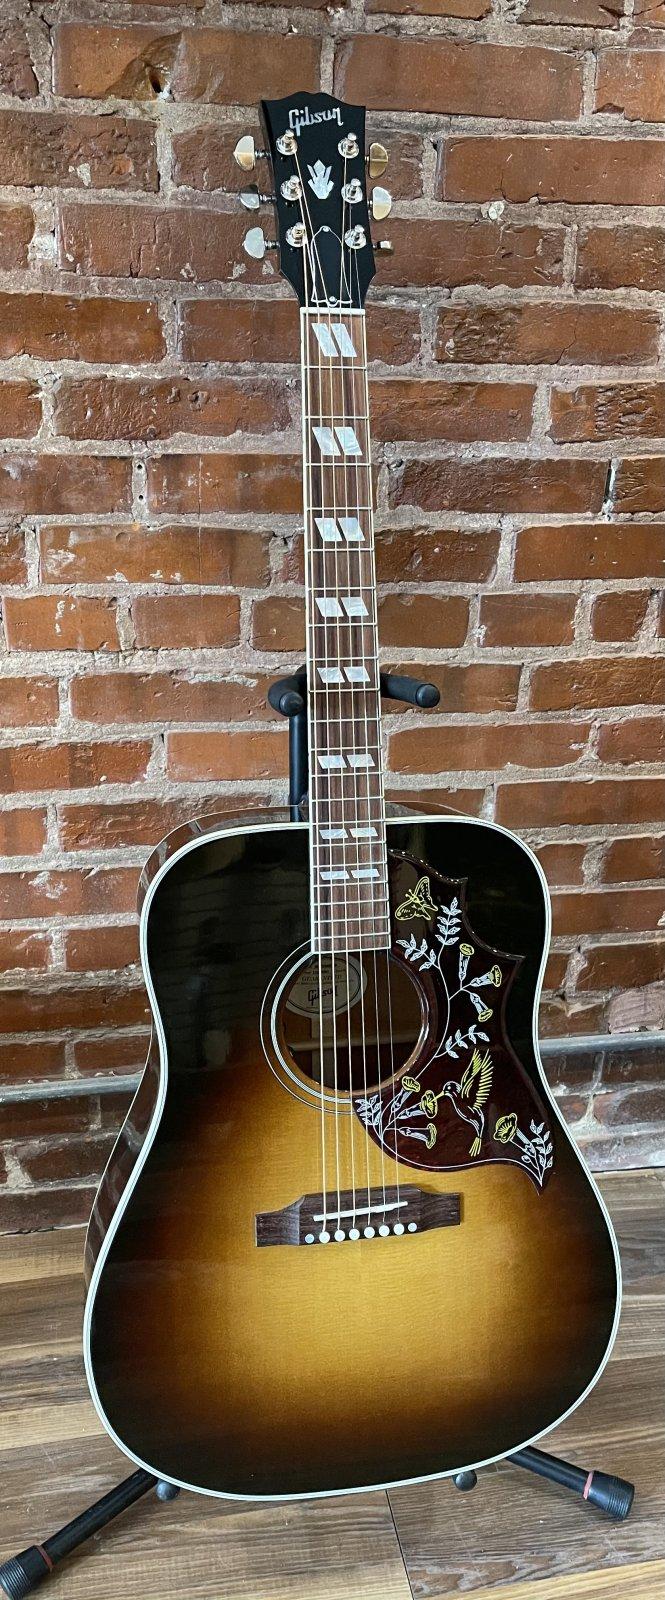 2019 Gibson Montana Hummingbird Standard Vintage Sunburst